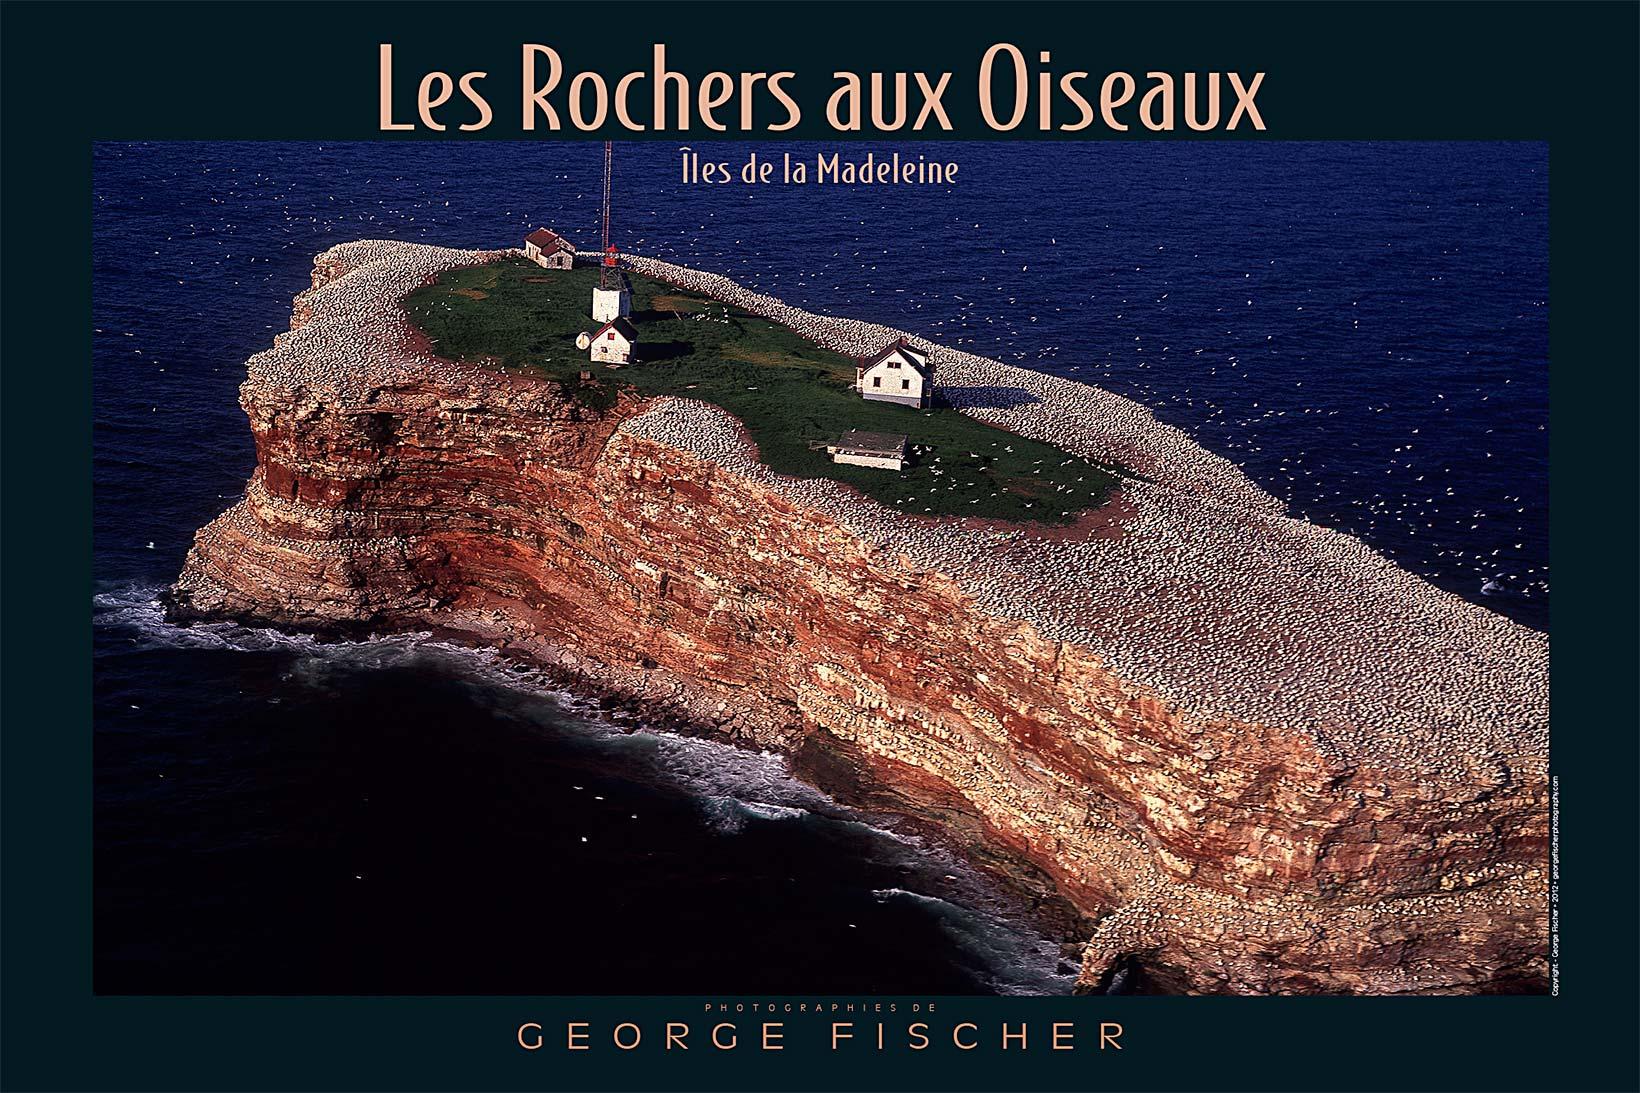 poster-Rochers-Aux-Oiseaux-Iles-de-la-Madeleine